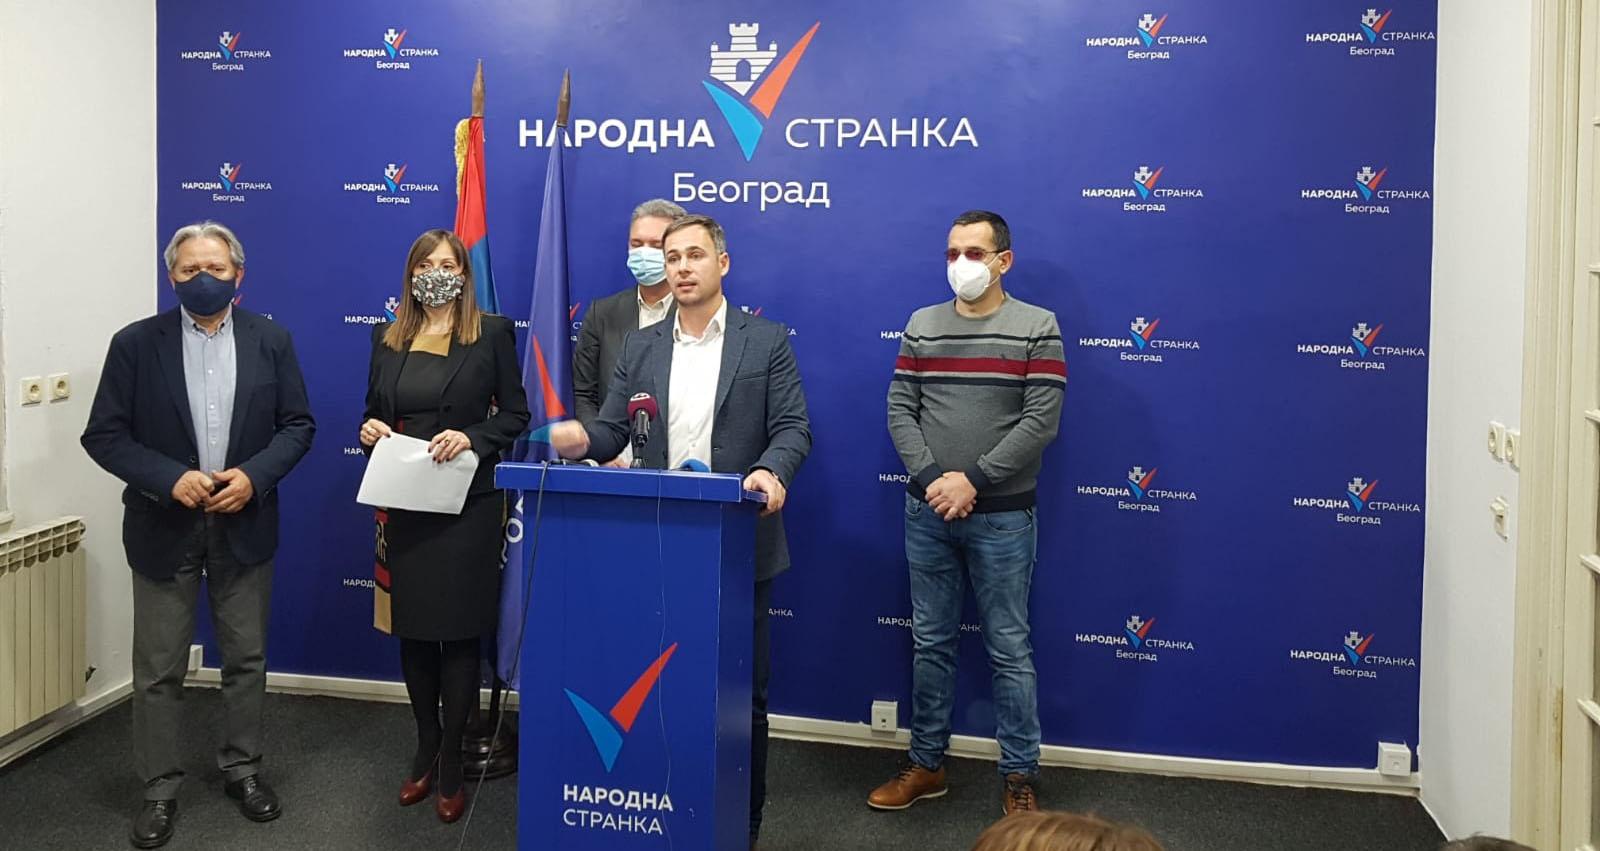 Алексић: Дачић да се уозбиљи и закаже дијалог, опозиција да се договори о два преговарача